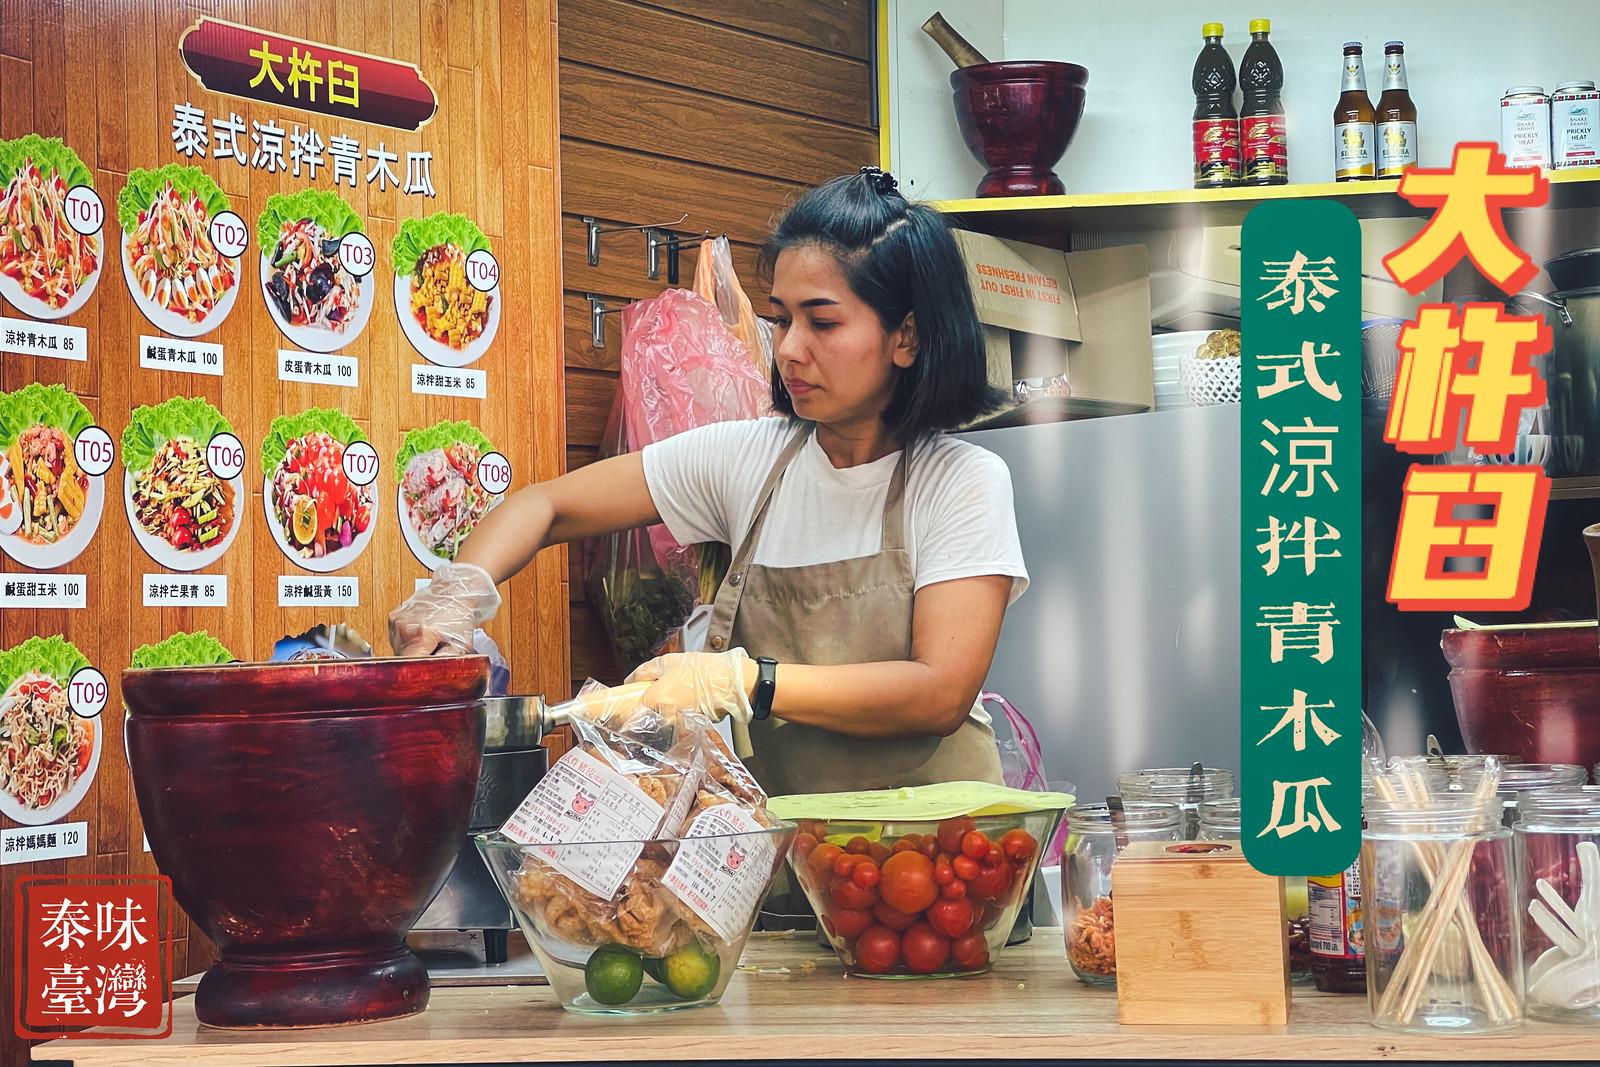 武里喃府的家鄉味泰菜『大杵臼涼拌青木瓜泰式料理』